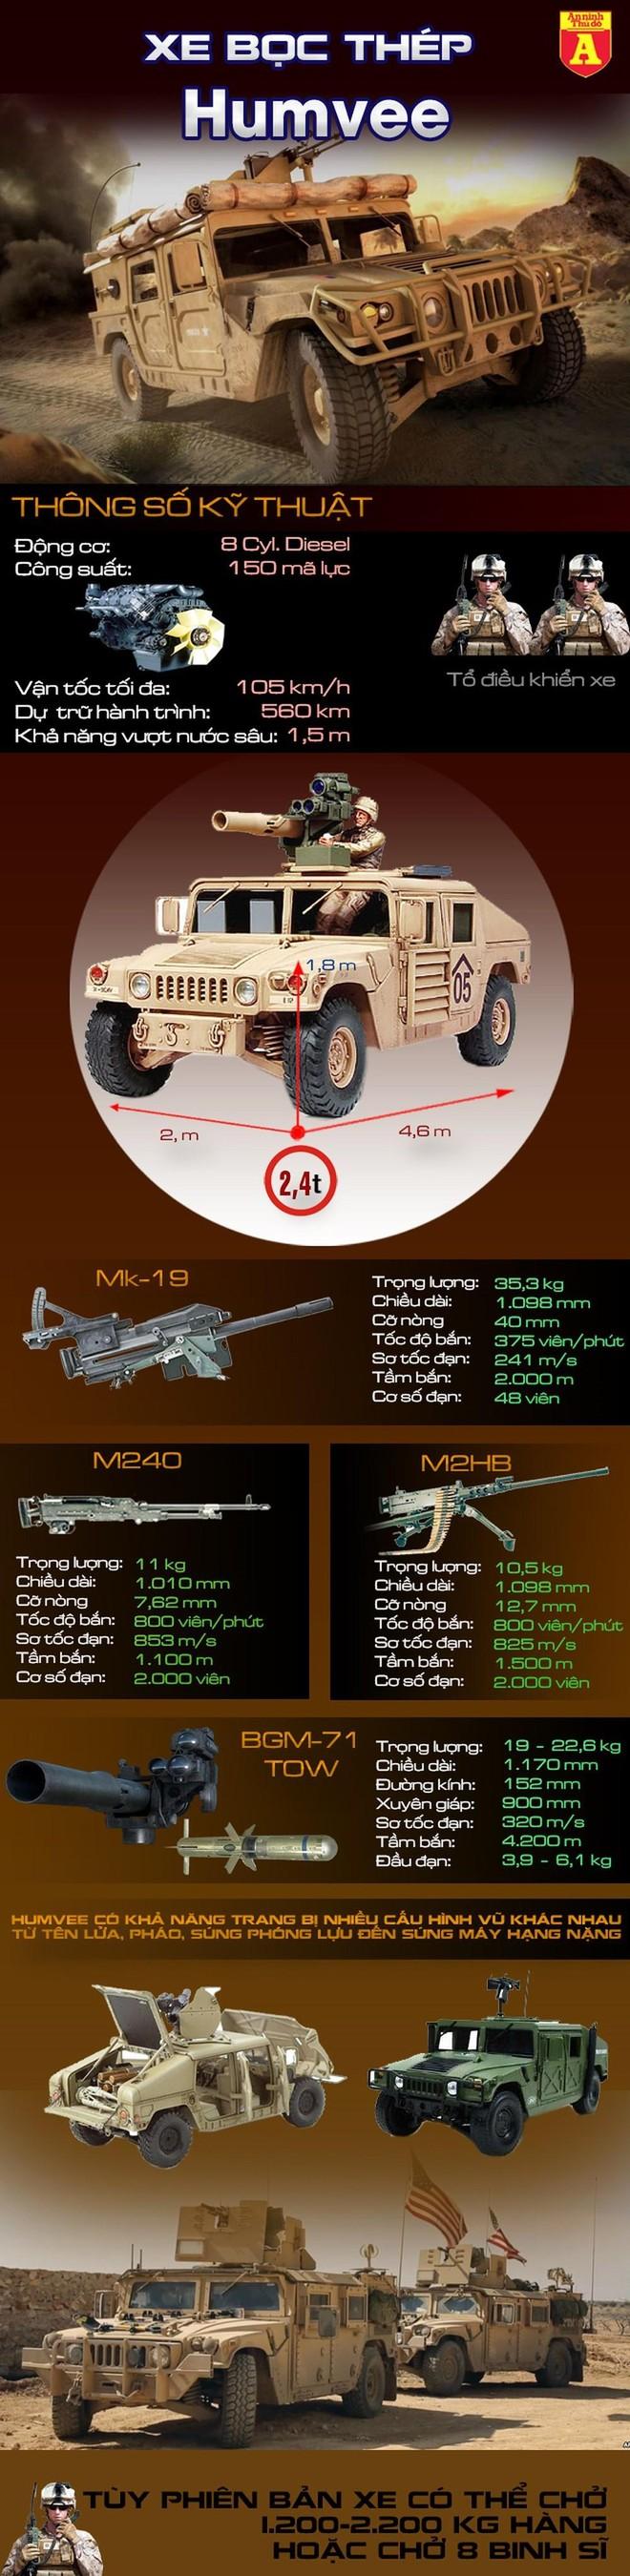 [Info] Humvee, dòng xe hay bị mất trộm nhất của quân đội Mỹ ảnh 3